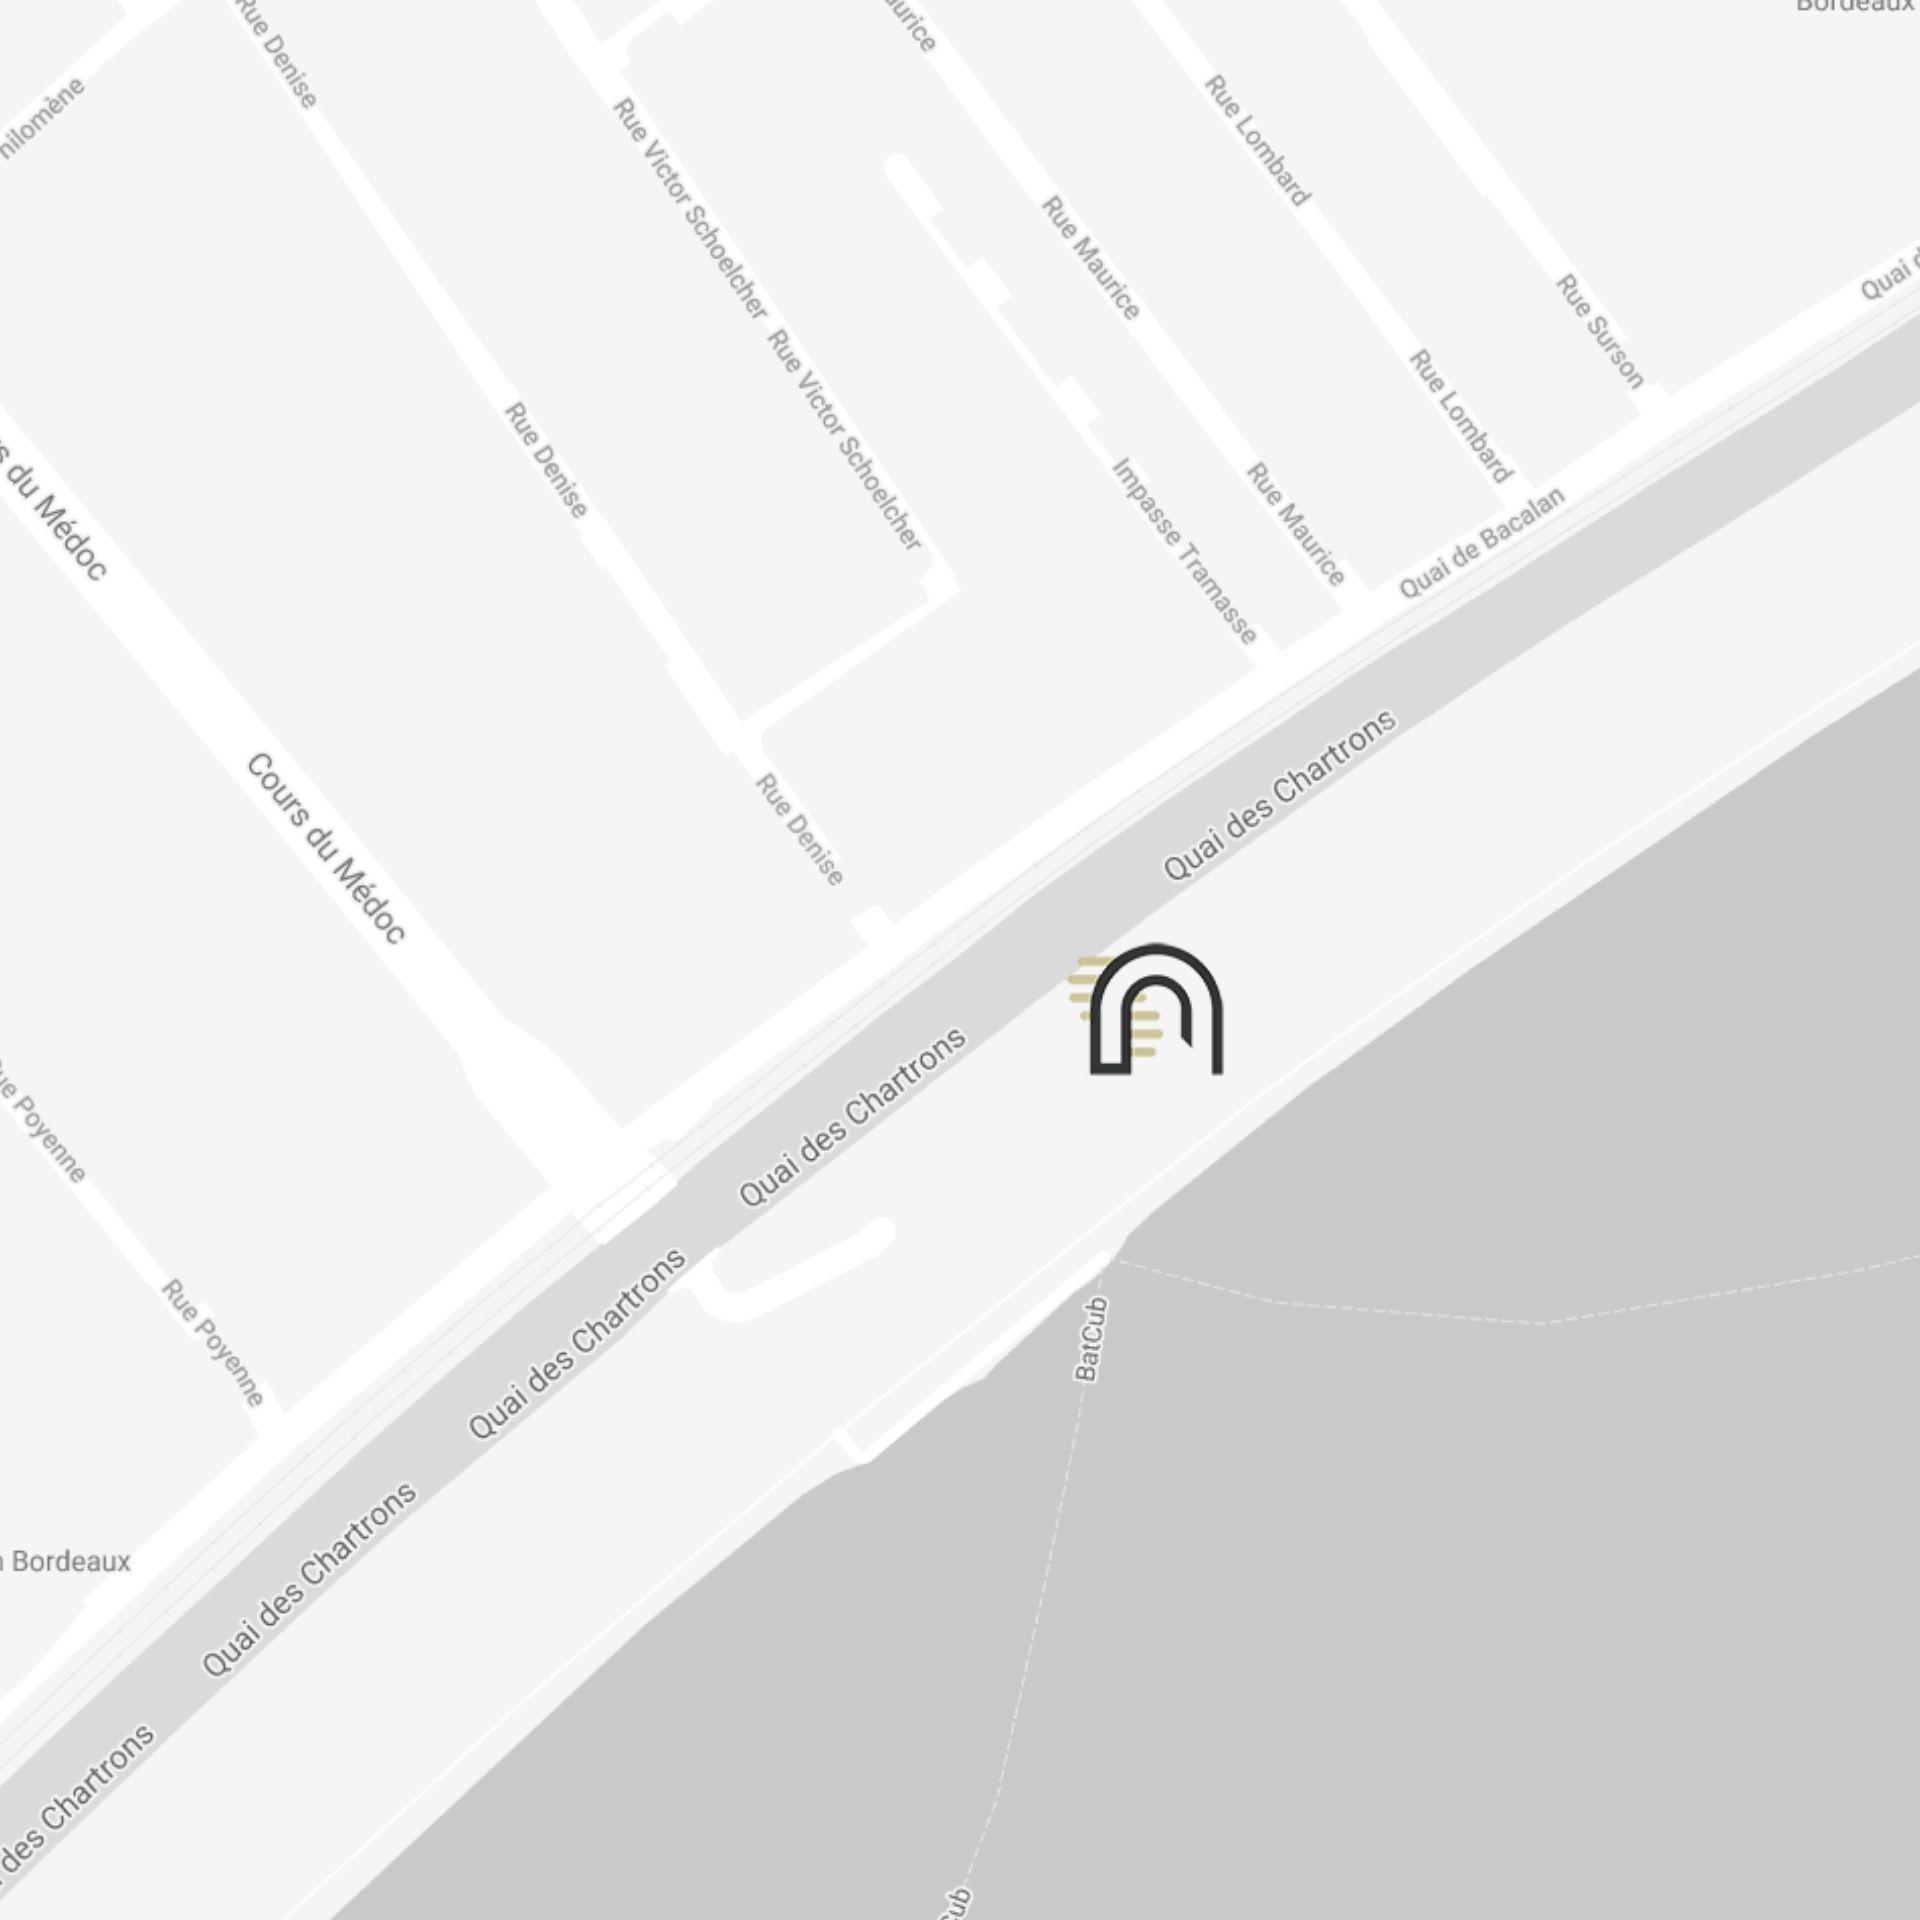 Accès Now - coworking et location de bureaux à Bordeaux